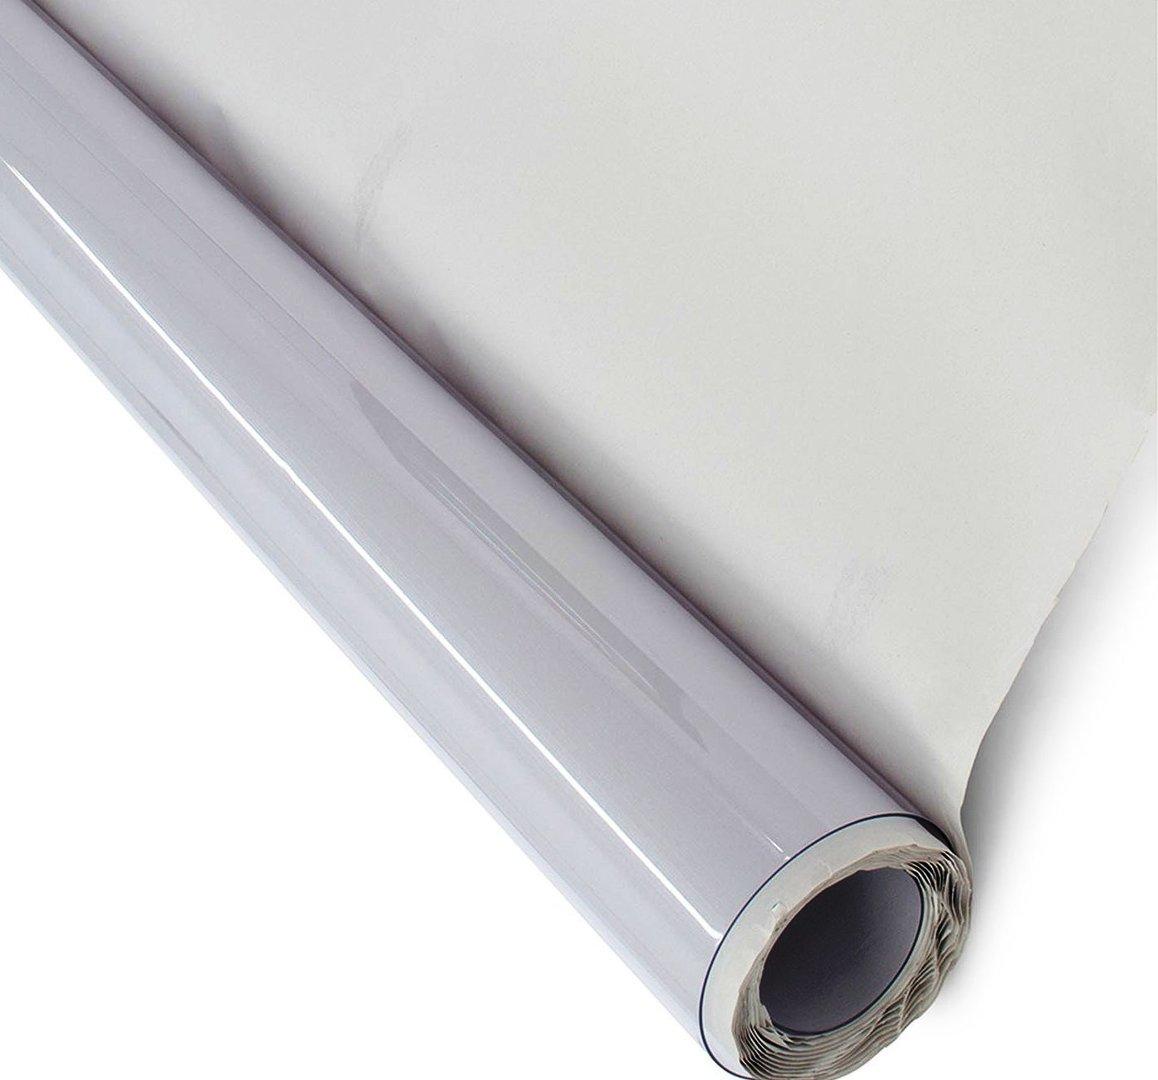 Telo pvc prezzo al metro pannelli termoisolanti for Prezzo finestre pvc al mq